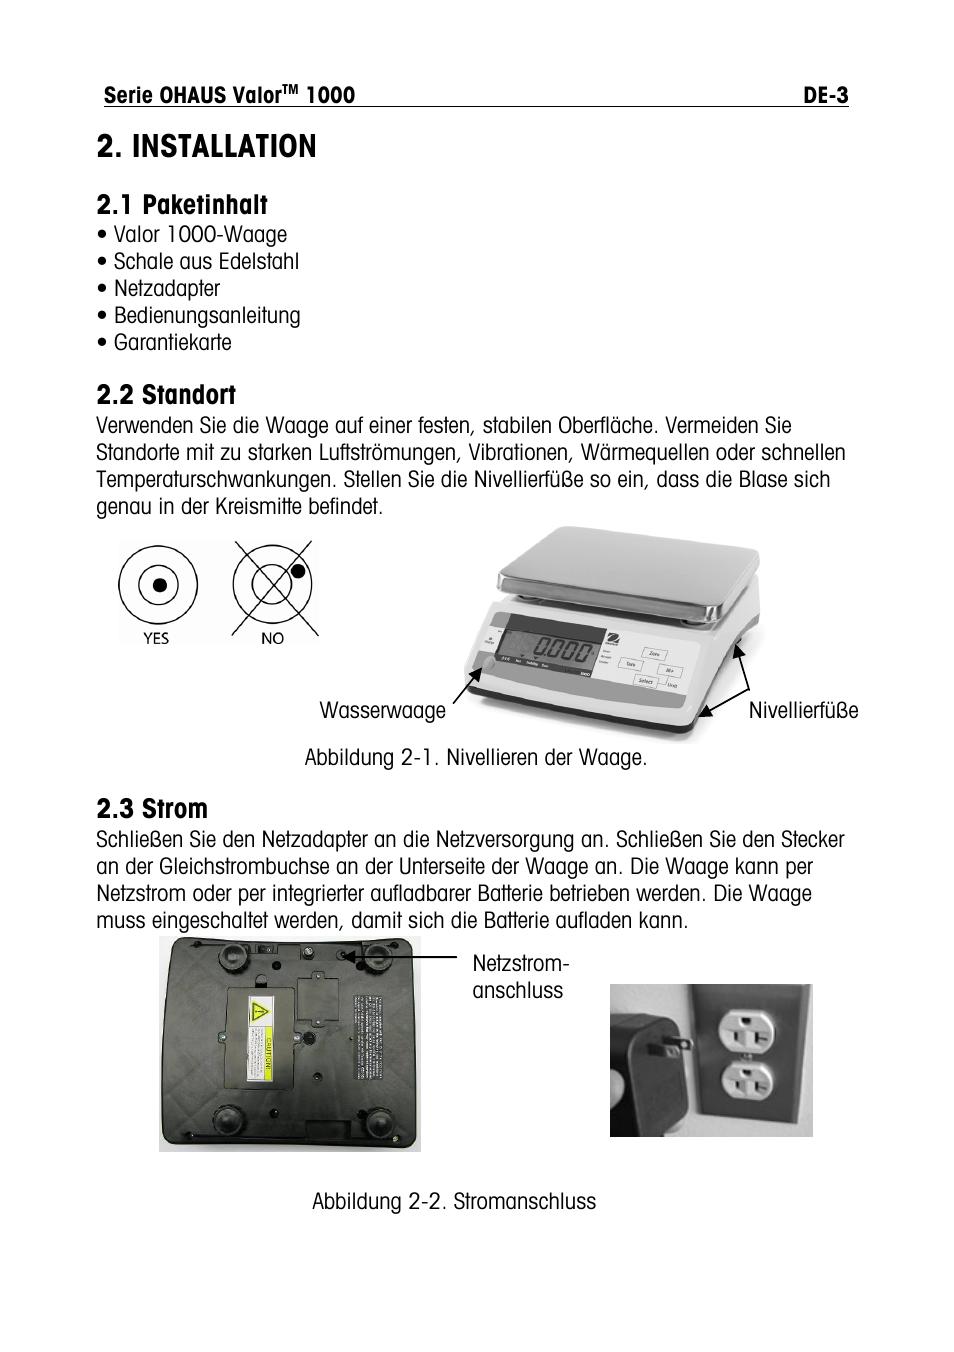 installation 1 paketinhalt 2 standort ohaus valor 1000 compact rh manualsdir com Manual Logo Clip Art Manual Mode